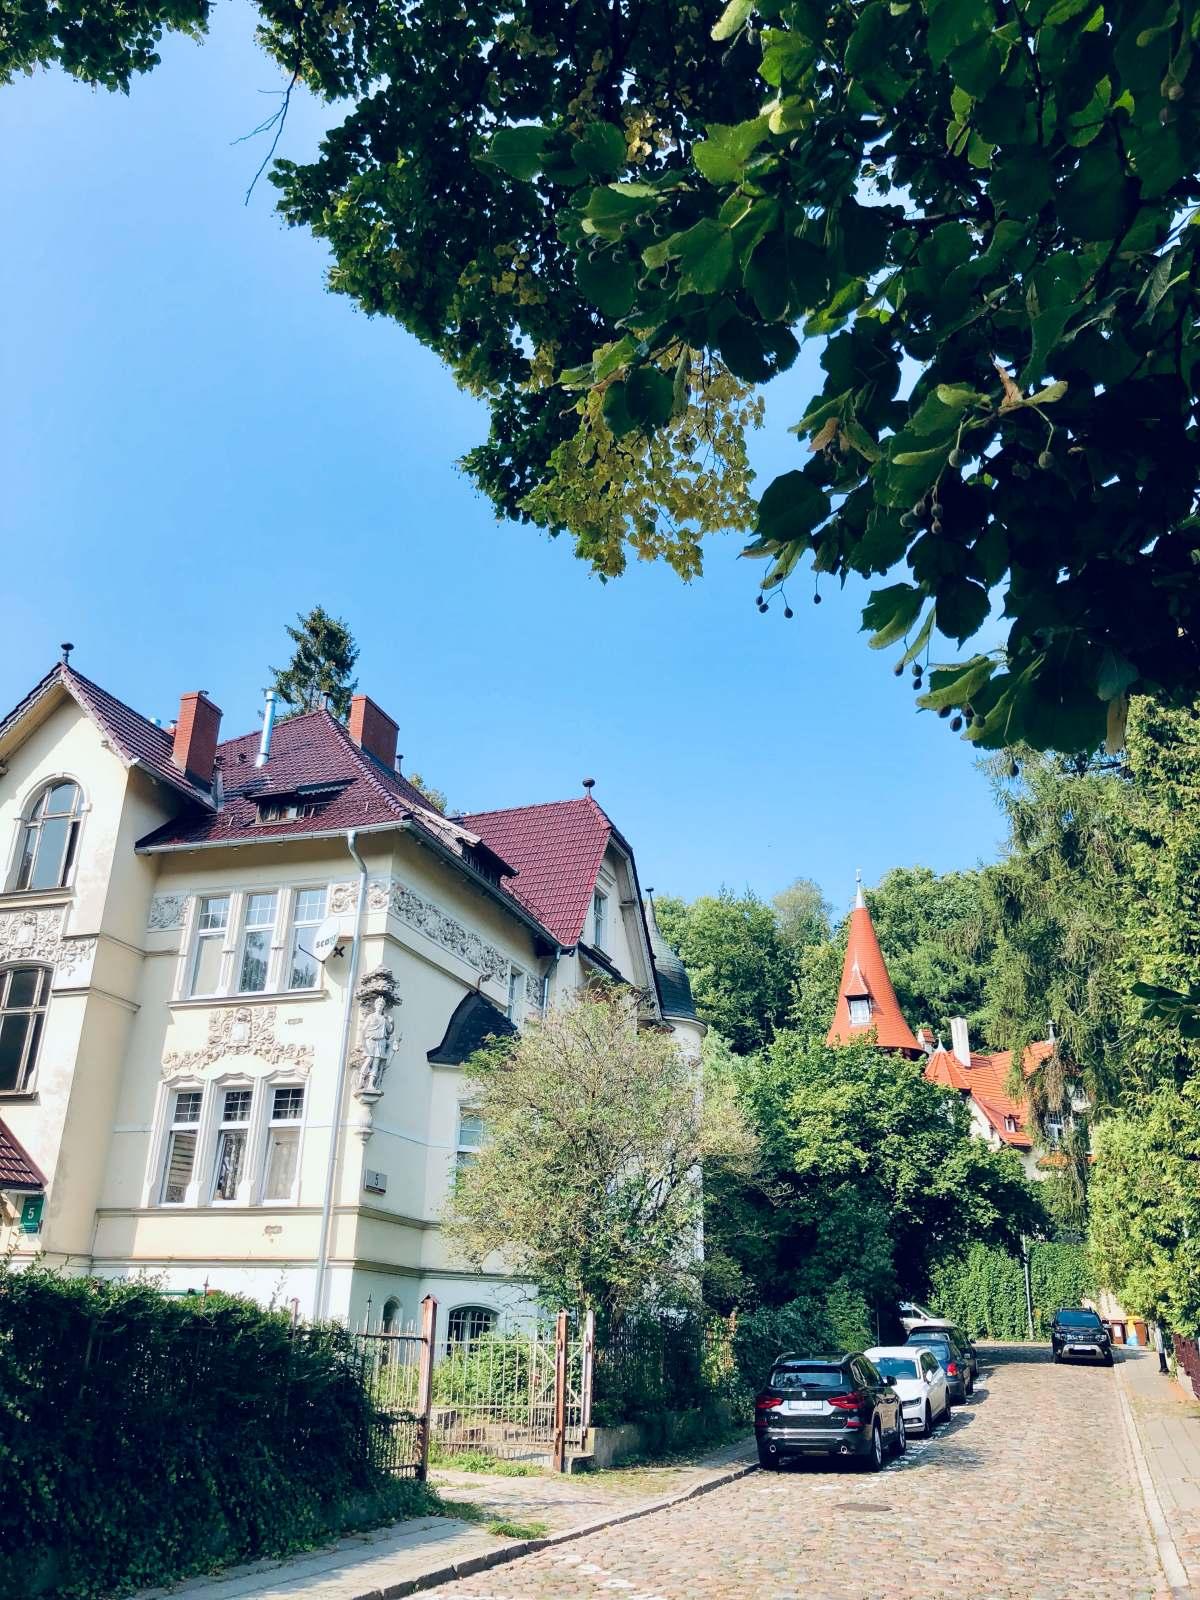 Willa na Jaśkowej Dolinie w Gdańsku